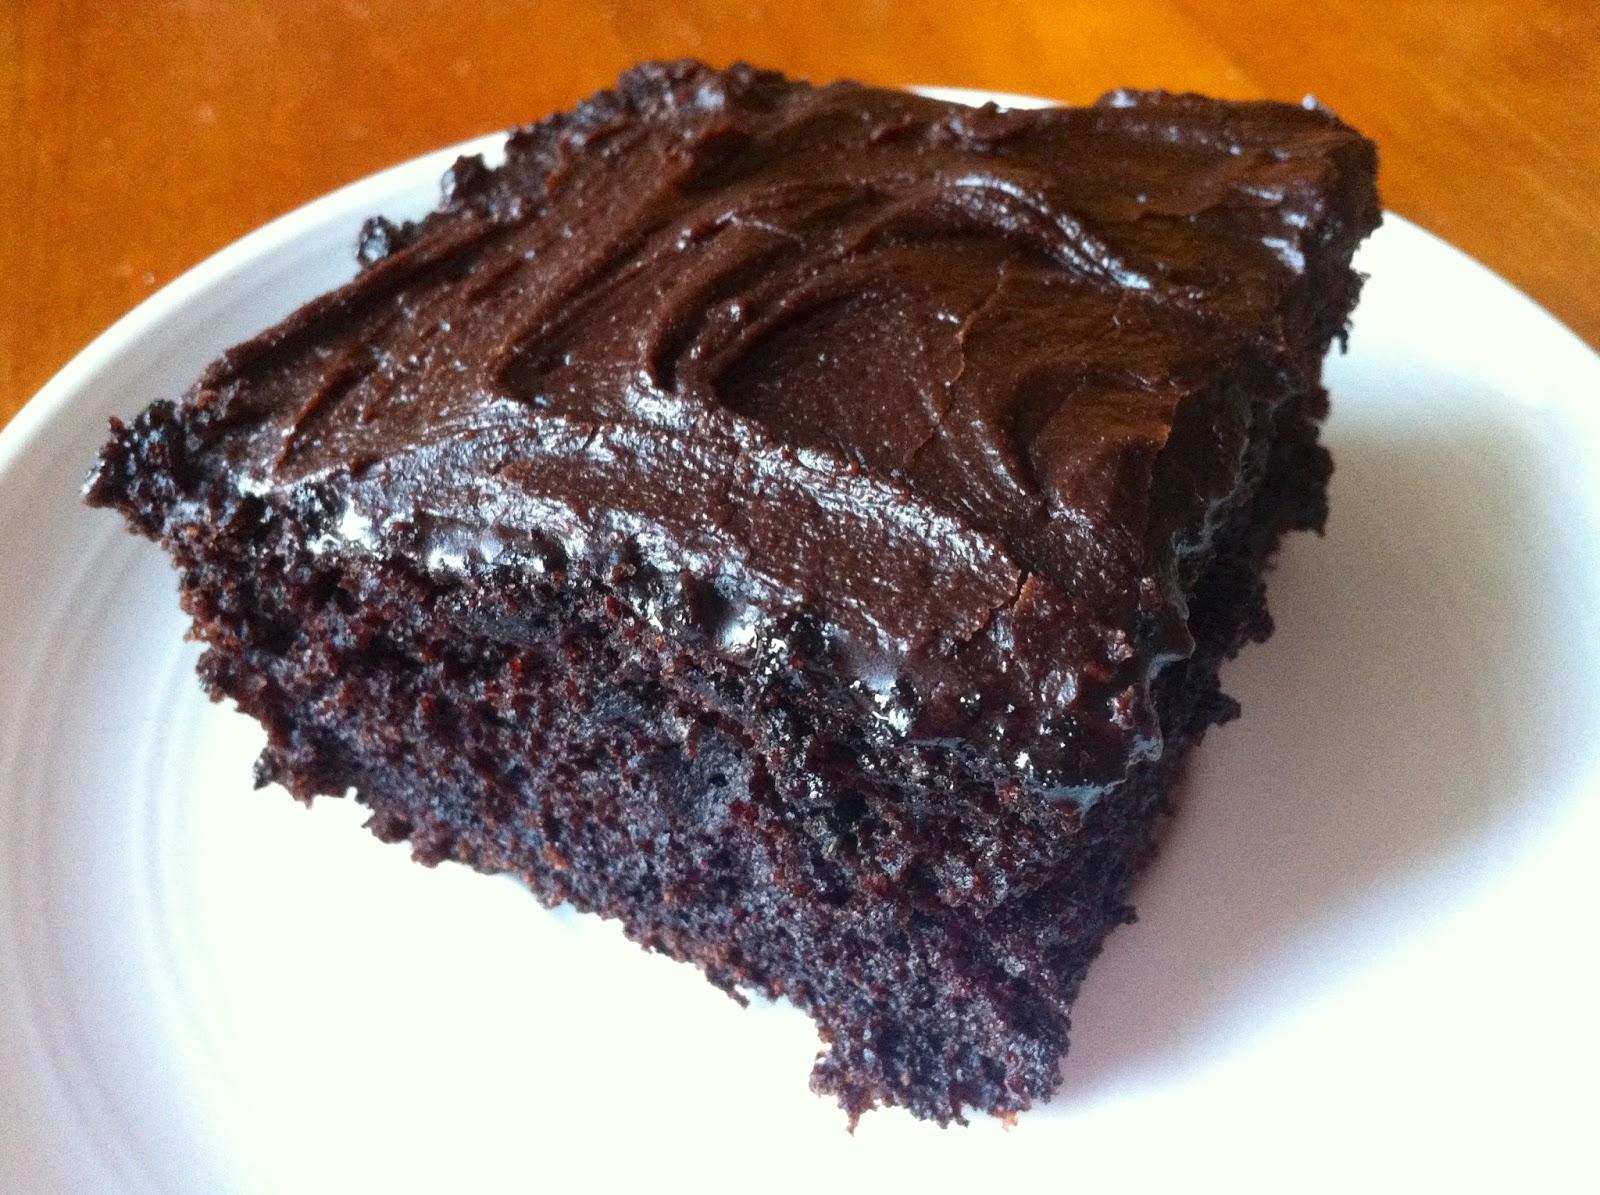 Zucchini Chocolate Chocolate Chip Cake